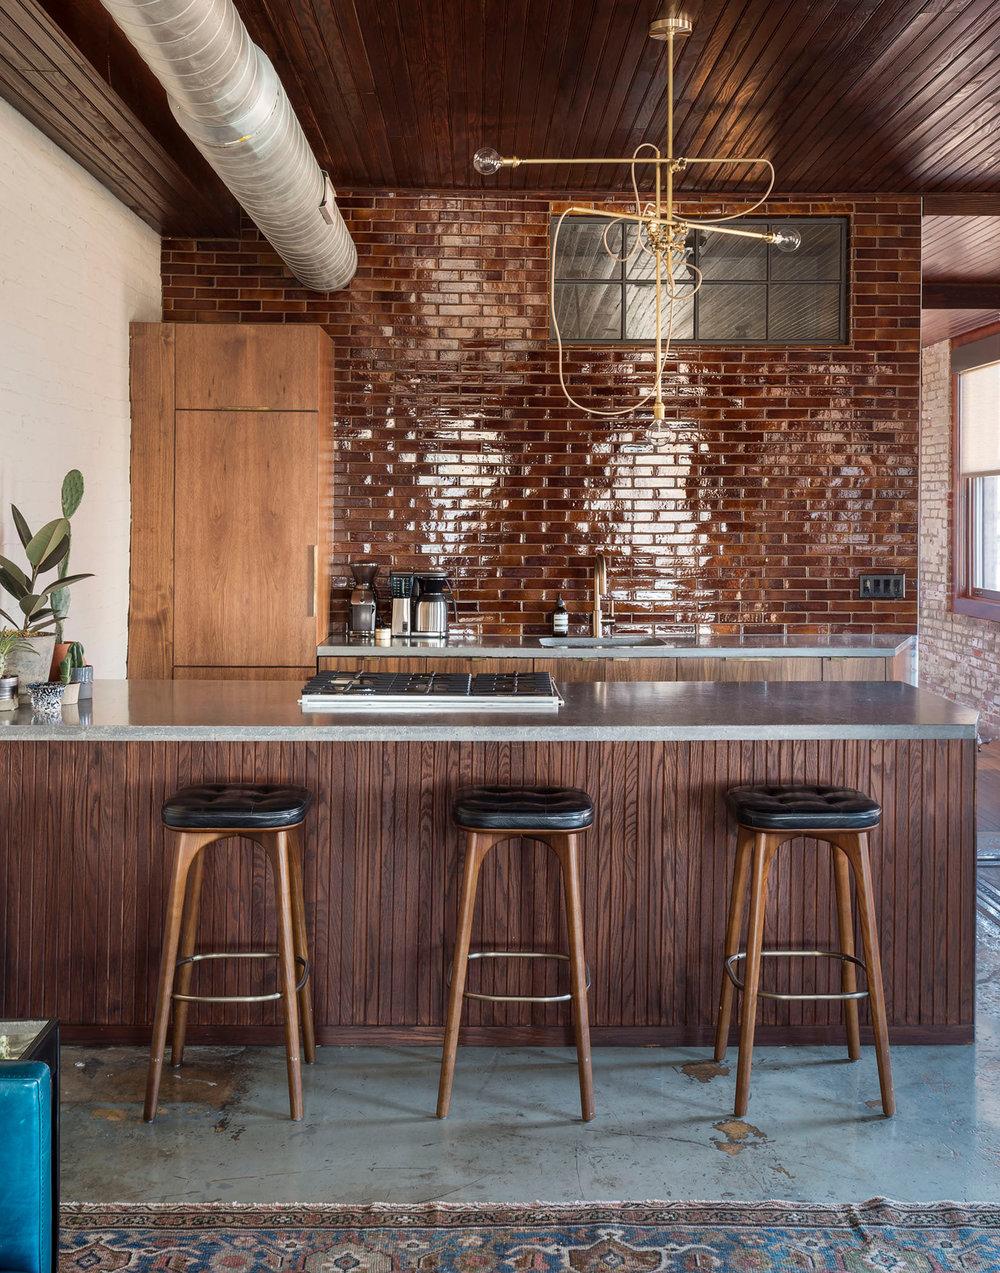 Wm.-Mulherin_s-Sons-Hotel---Room-1-kitchen---by-Matthew-Williams.jpg